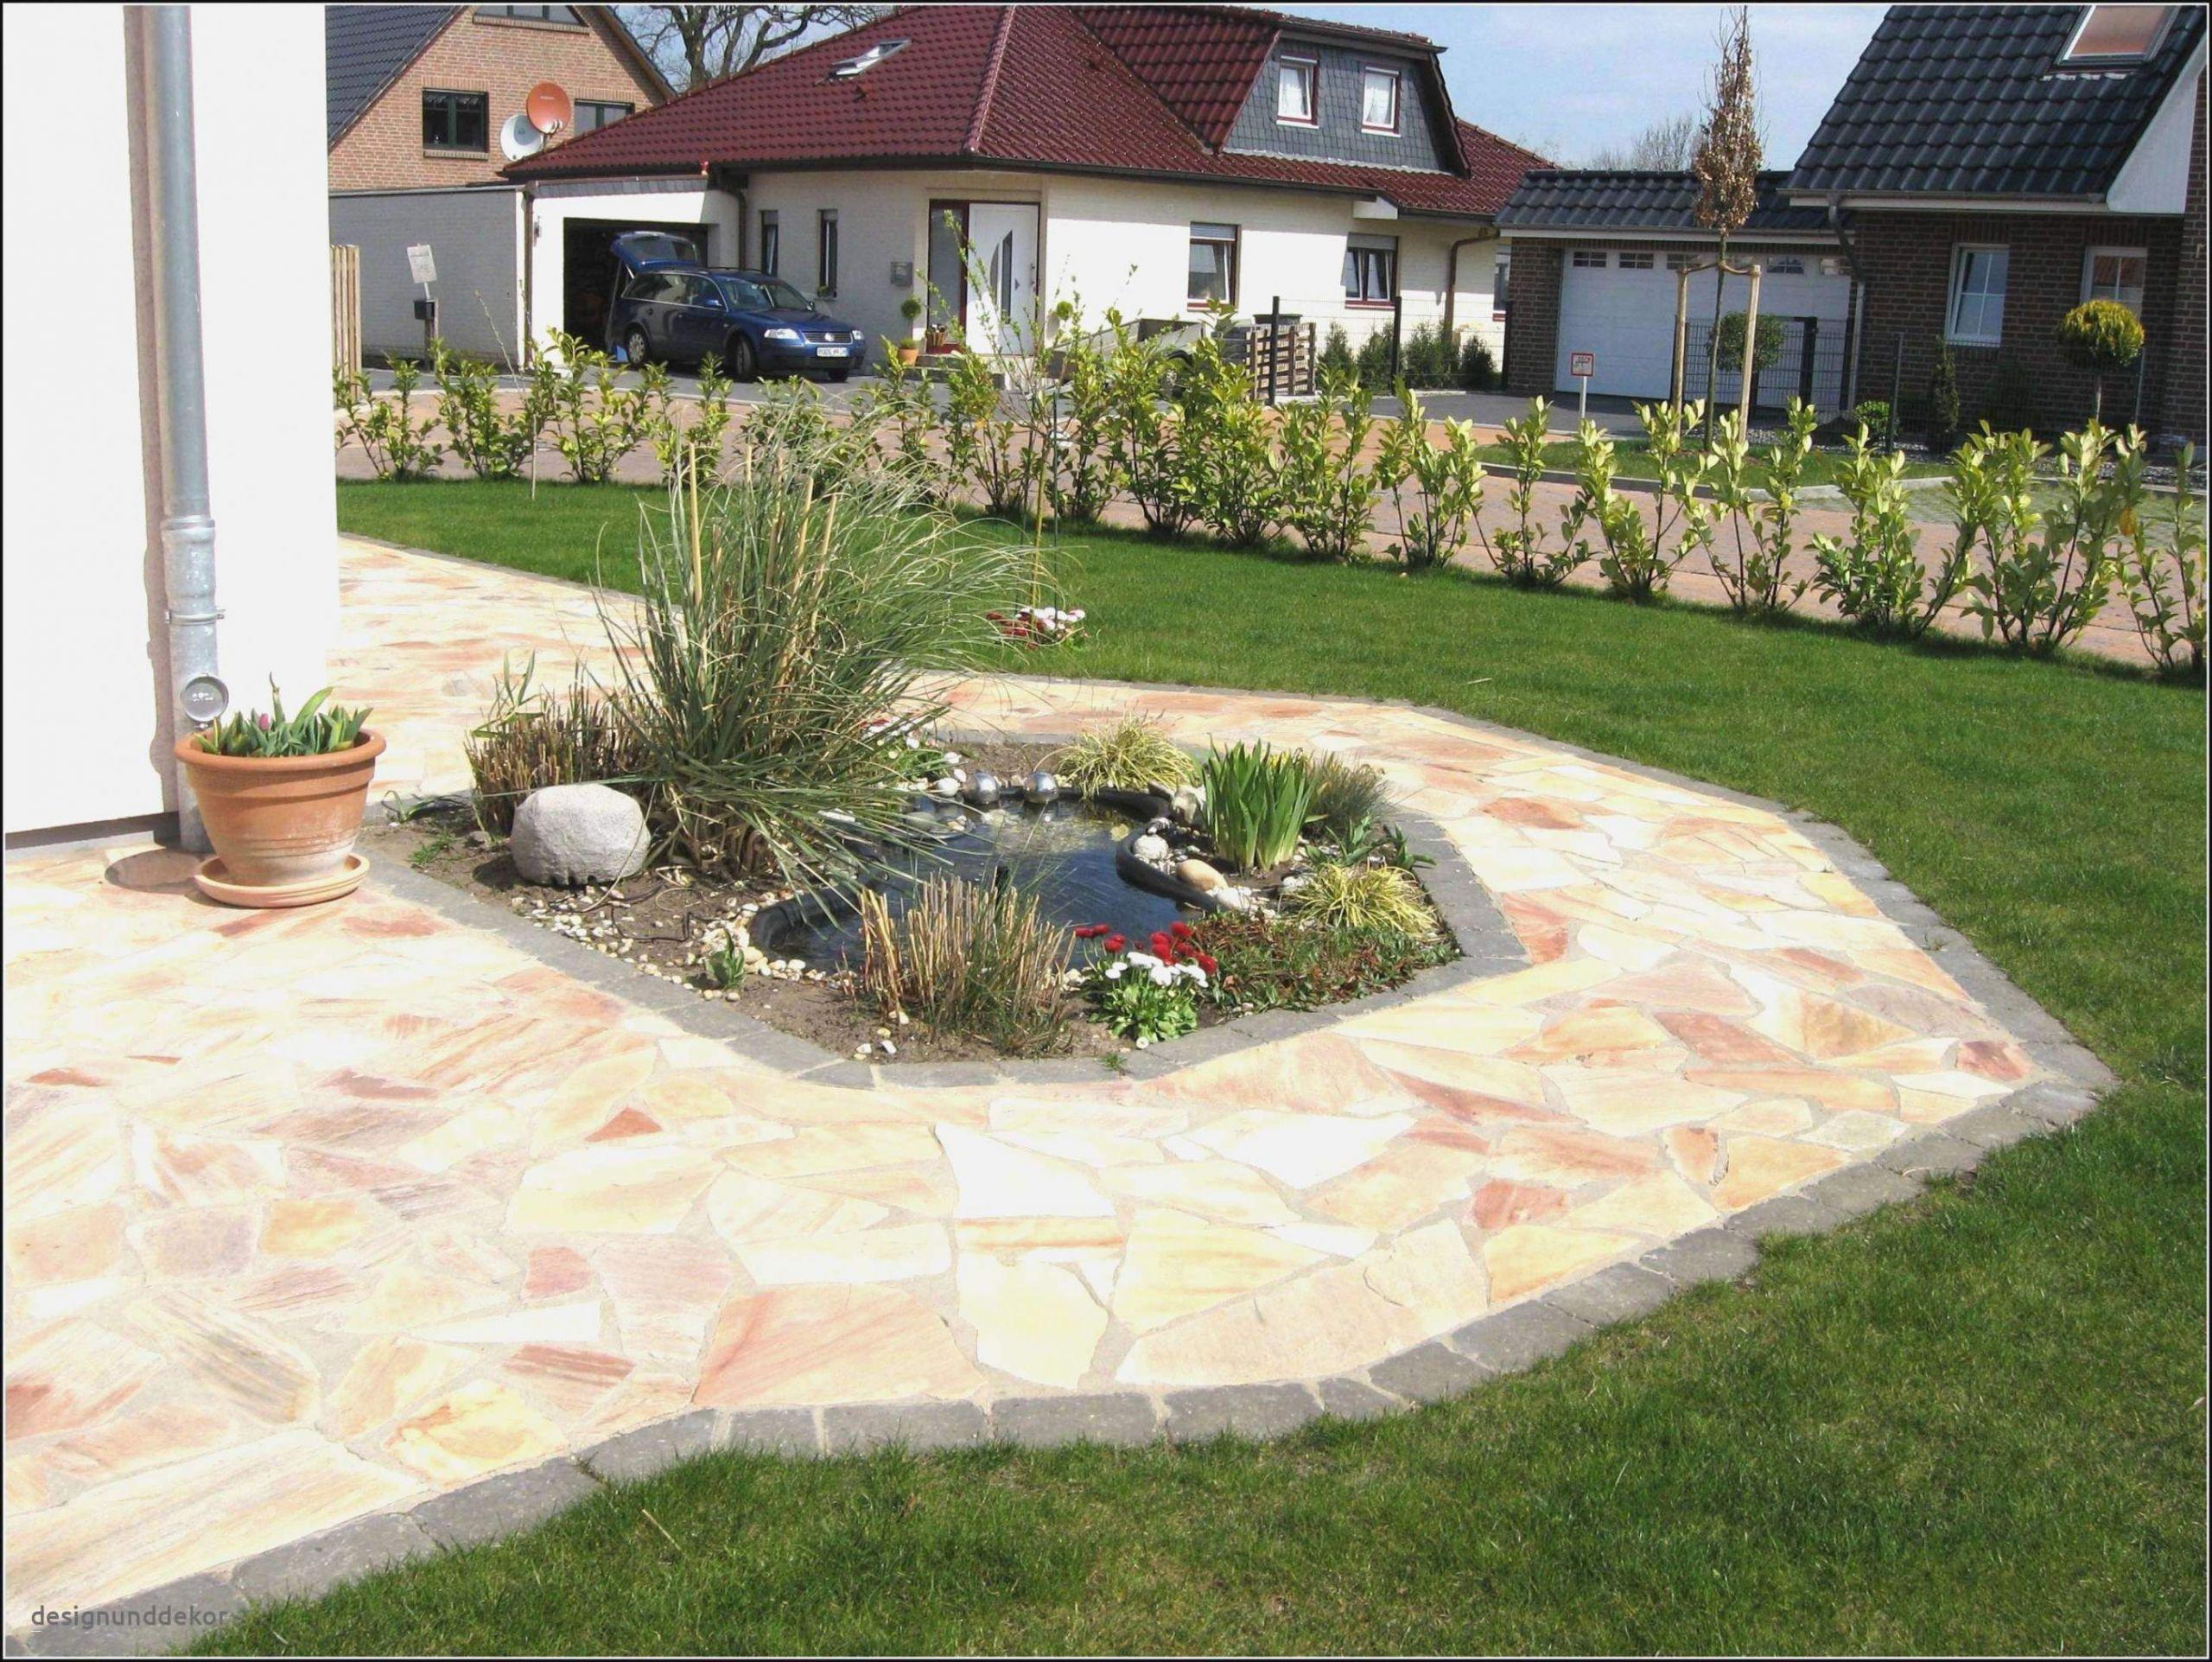 Vorgarten Gestalten Ideen Inspirierend 27 Luxus Garten Gestalten Mit Steinen Neu